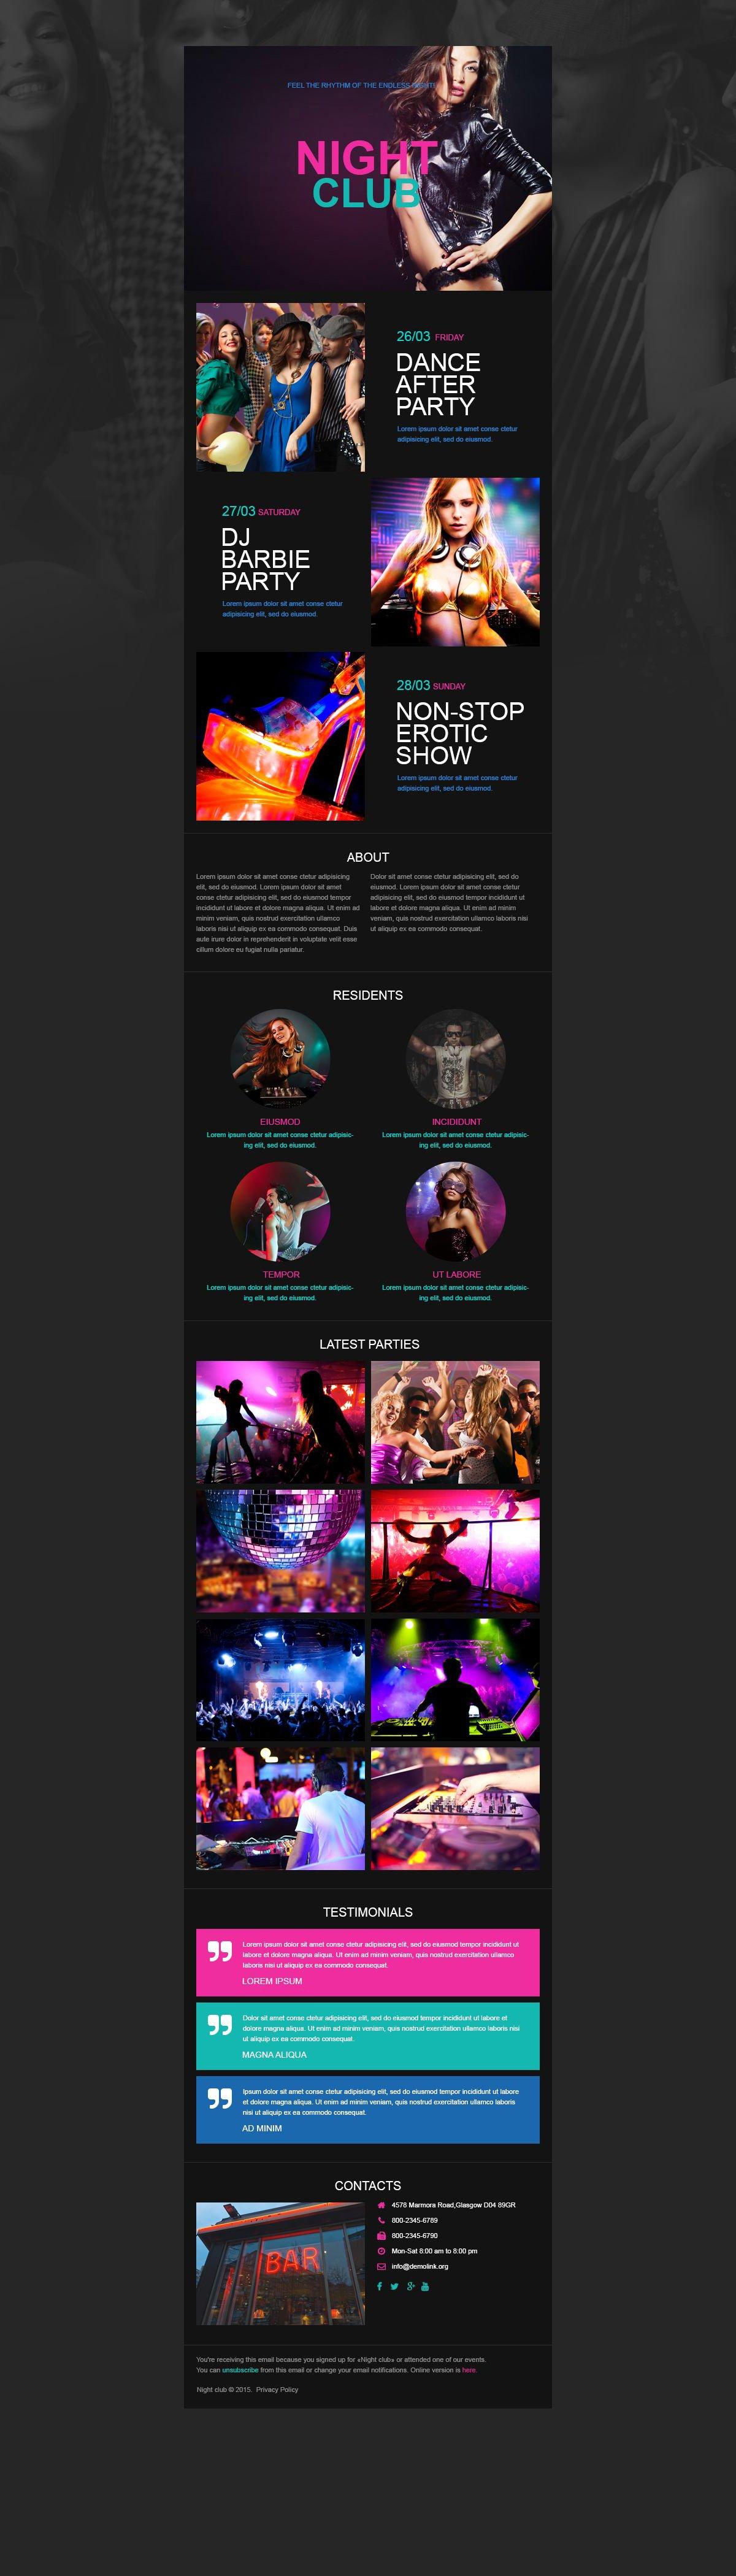 Responsive Newsletter Vorlage für Nachtclub #52966